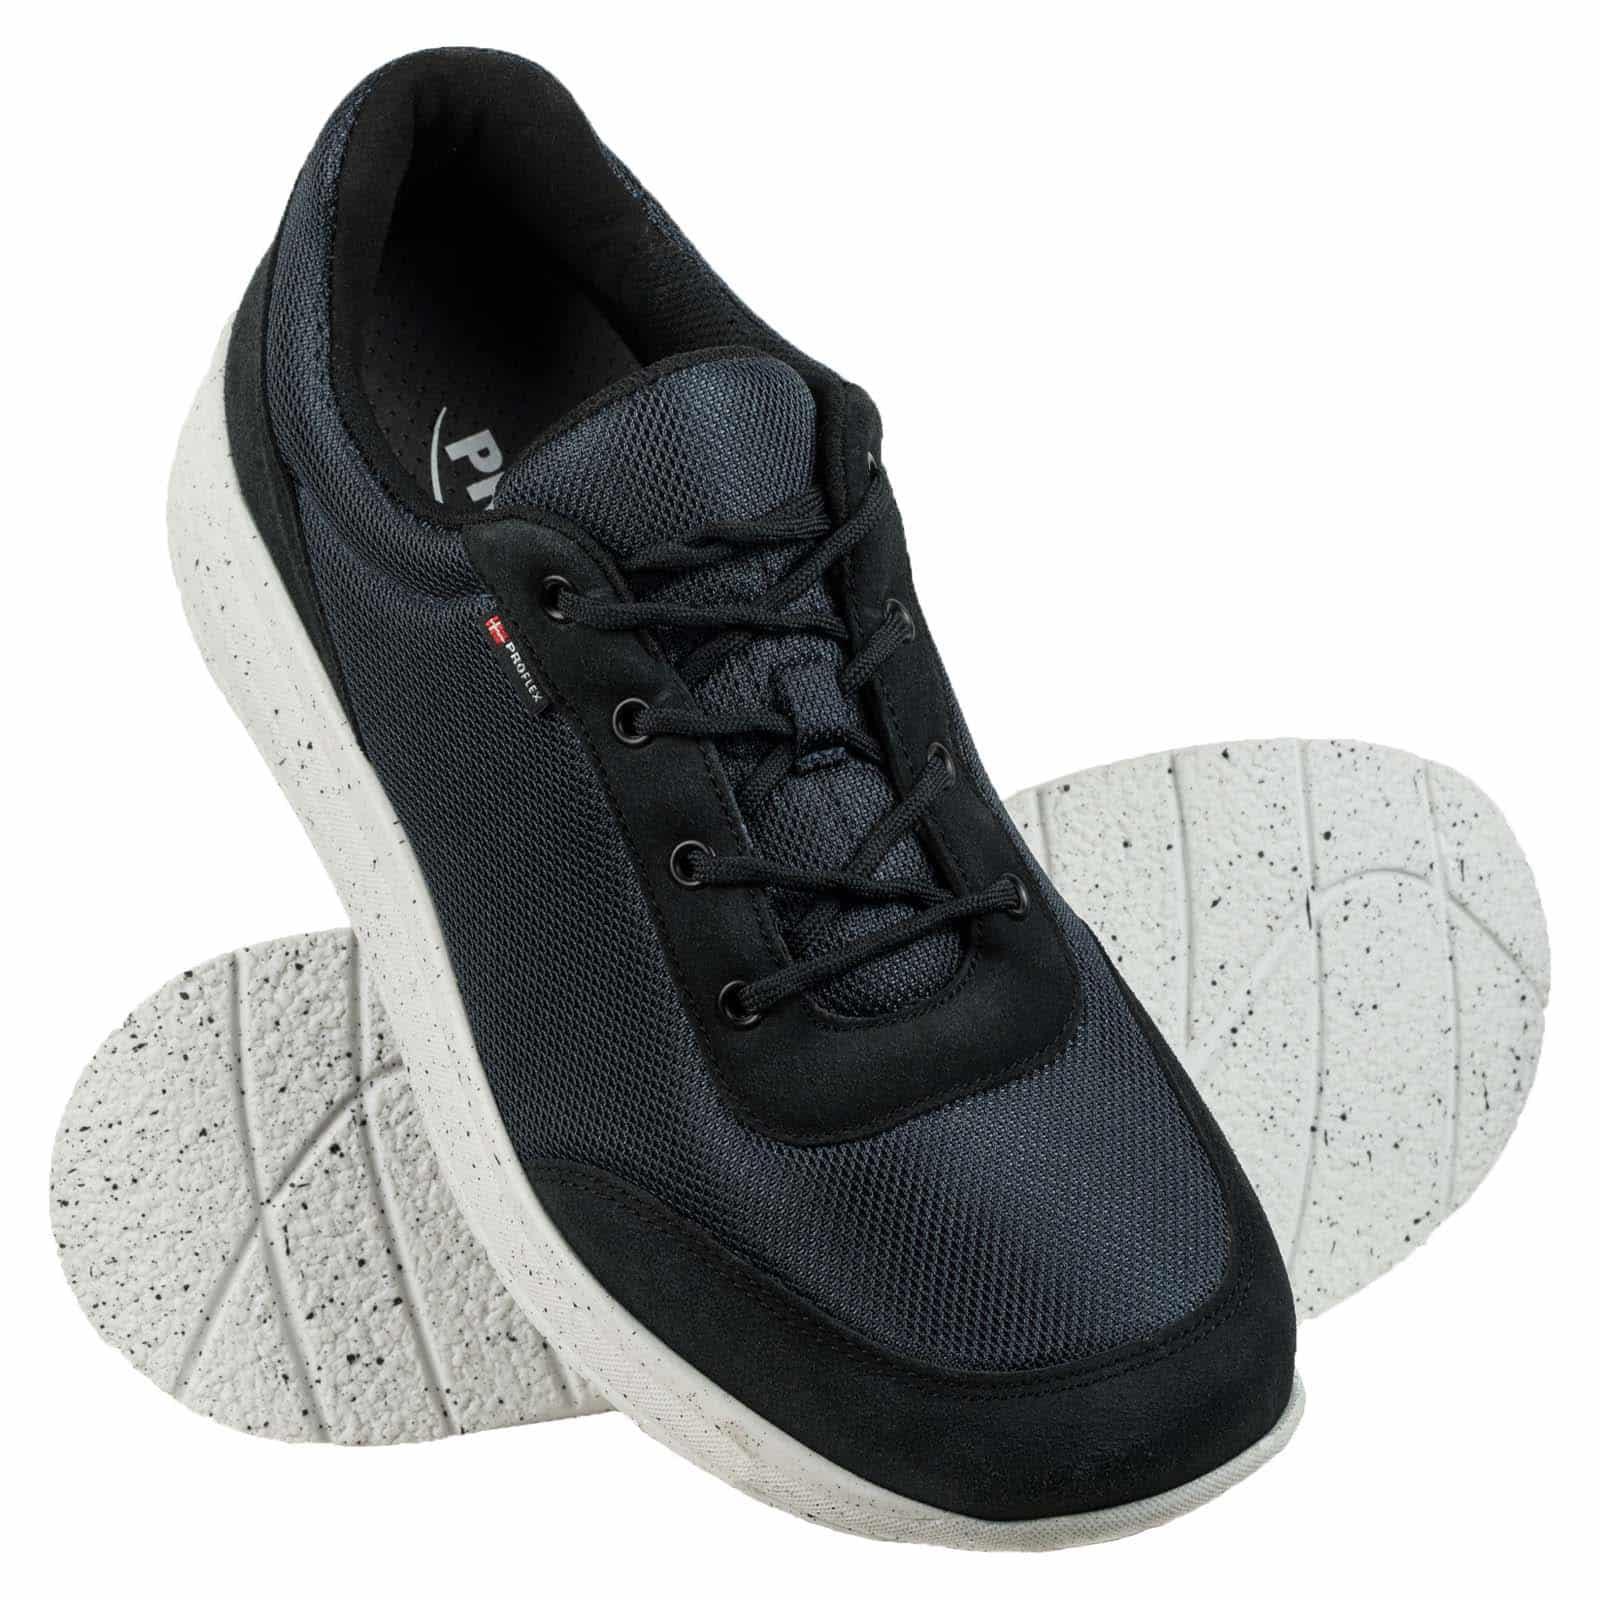 1014-008-1-paarProflex heren comfortsneaker navy mesh met witte spikkel zool 1014-008-1-paar